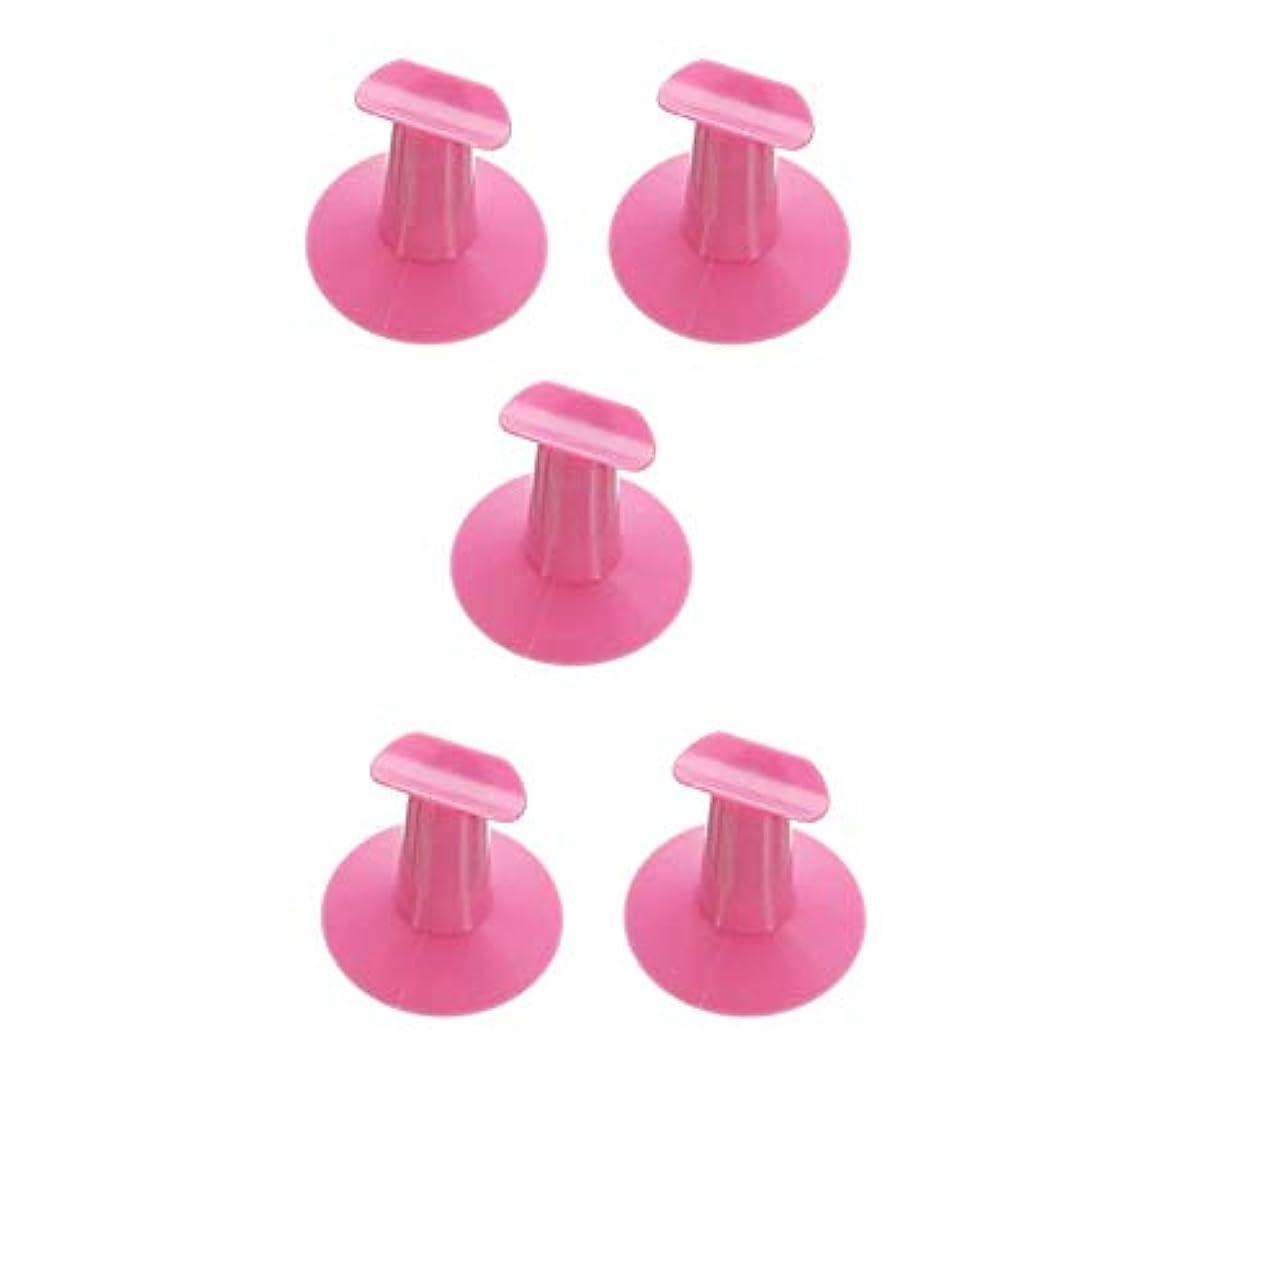 アーネストシャクルトン階噴火5つのハードプラスチック製の交換用爪立って支持台DIYネイルアートデザイン絵画サロンランダムな色